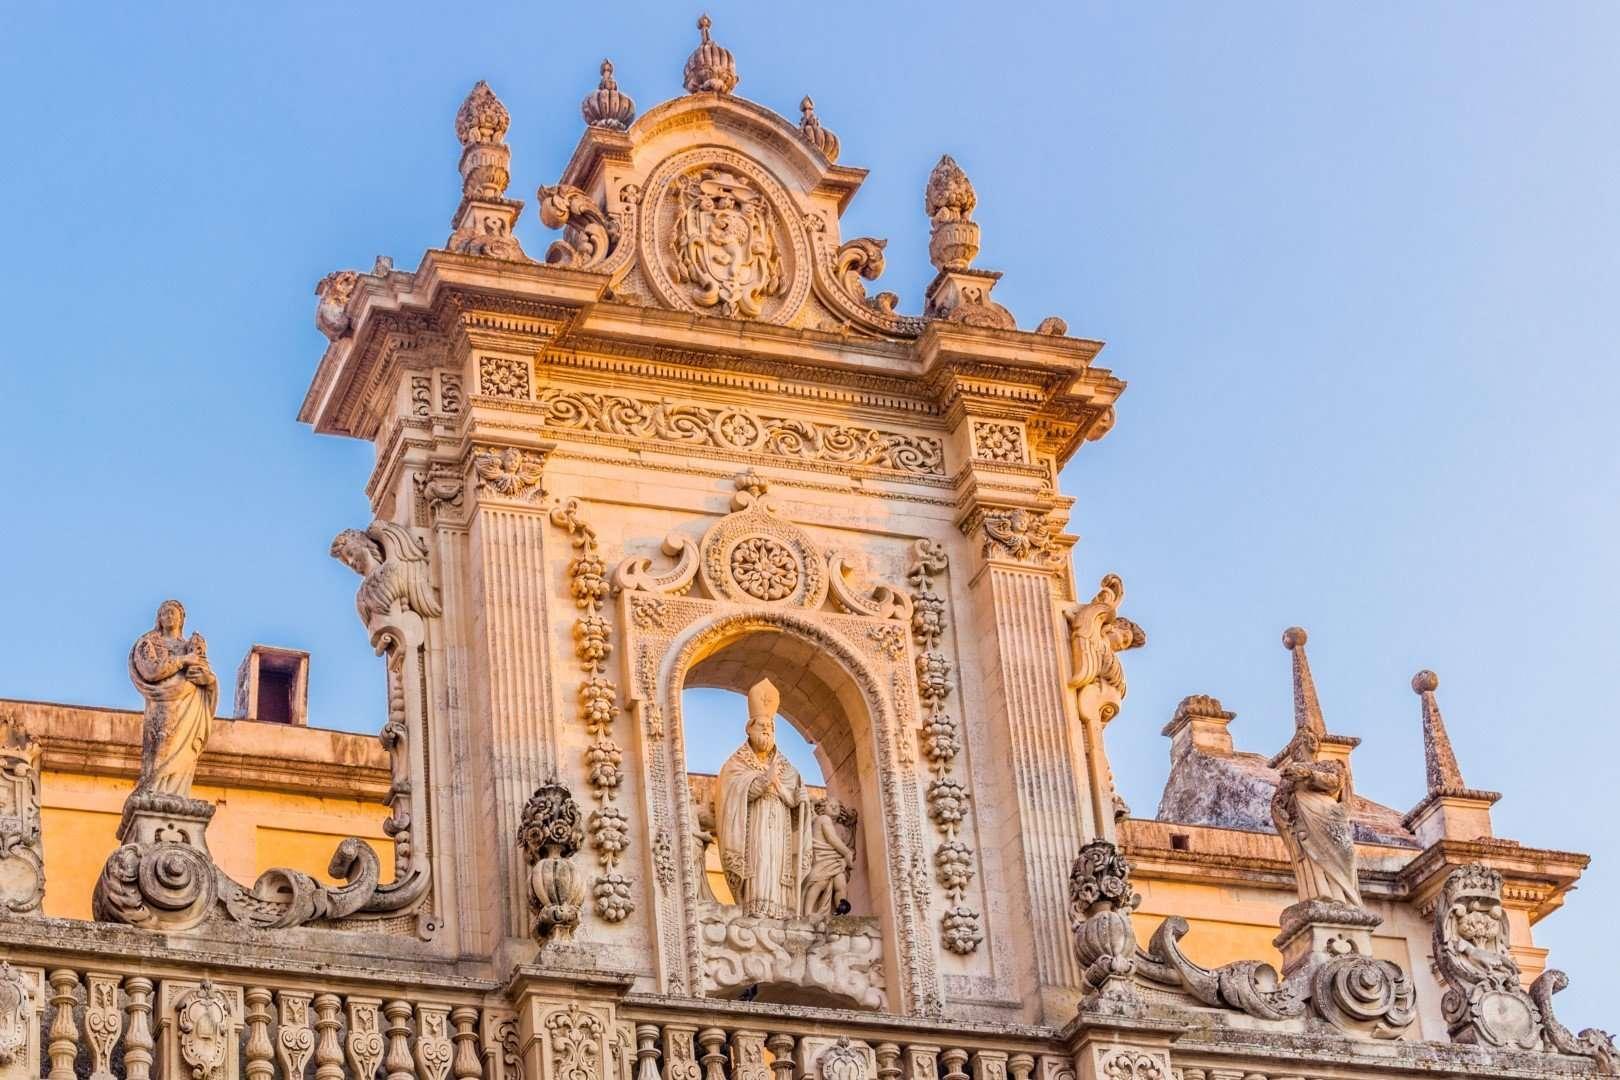 oude barok paleizen in lecce.jpg